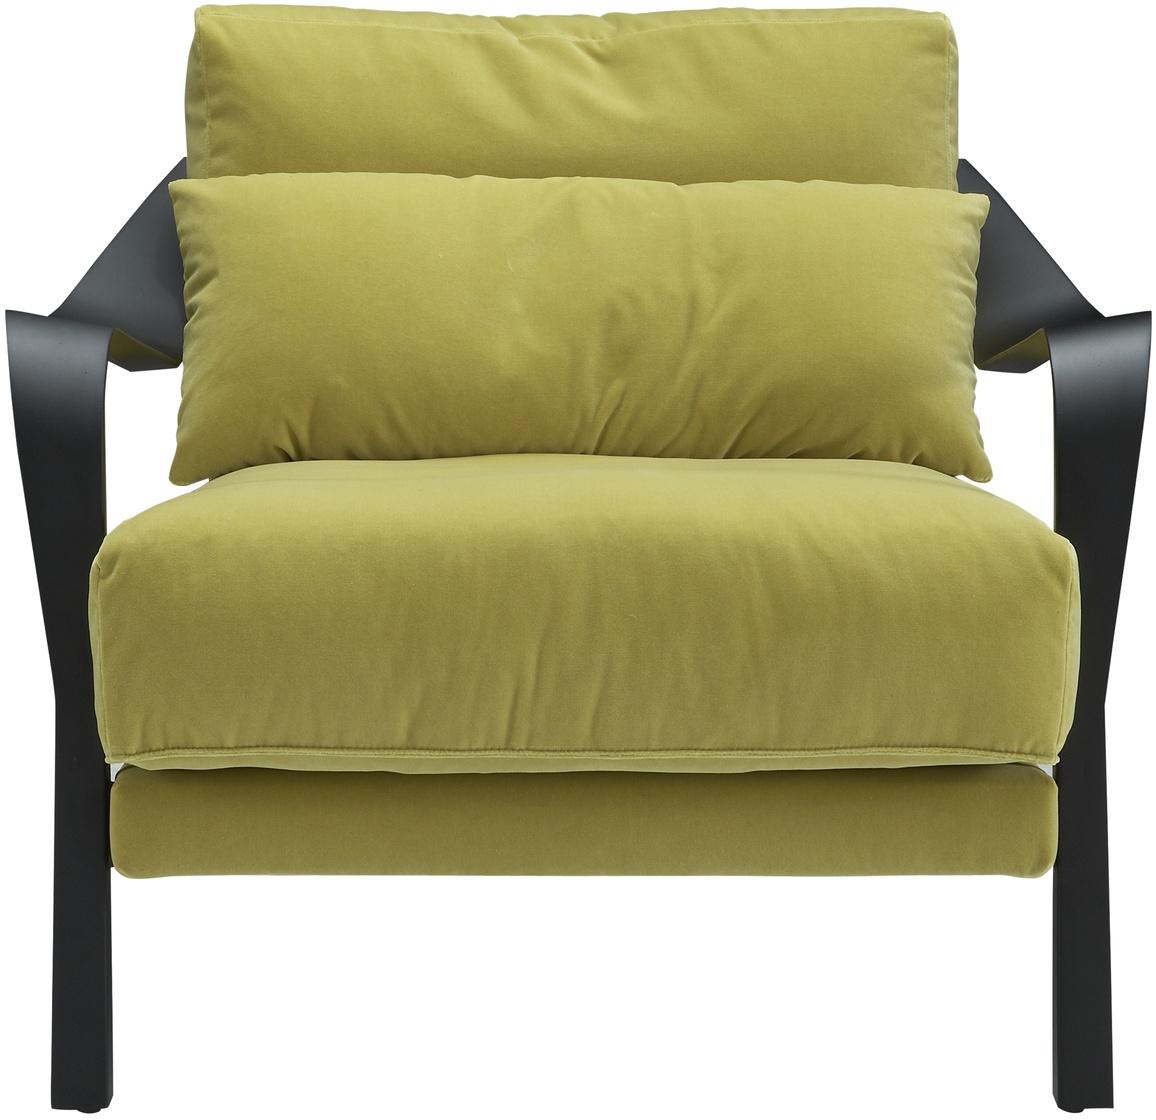 cityloft fauteuils du designer pascal mourgue ligne roset site officiel. Black Bedroom Furniture Sets. Home Design Ideas